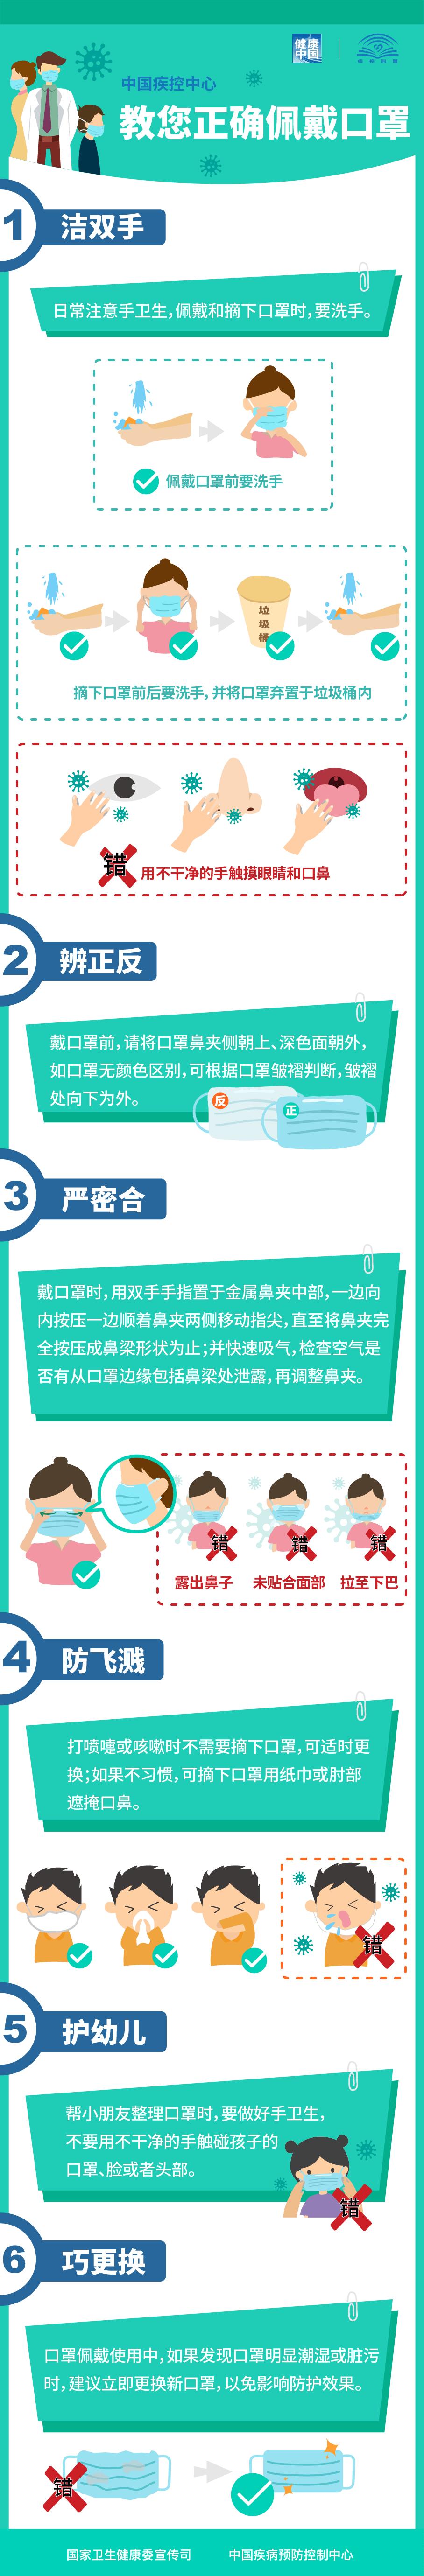 中國中心教您正確佩戴口罩